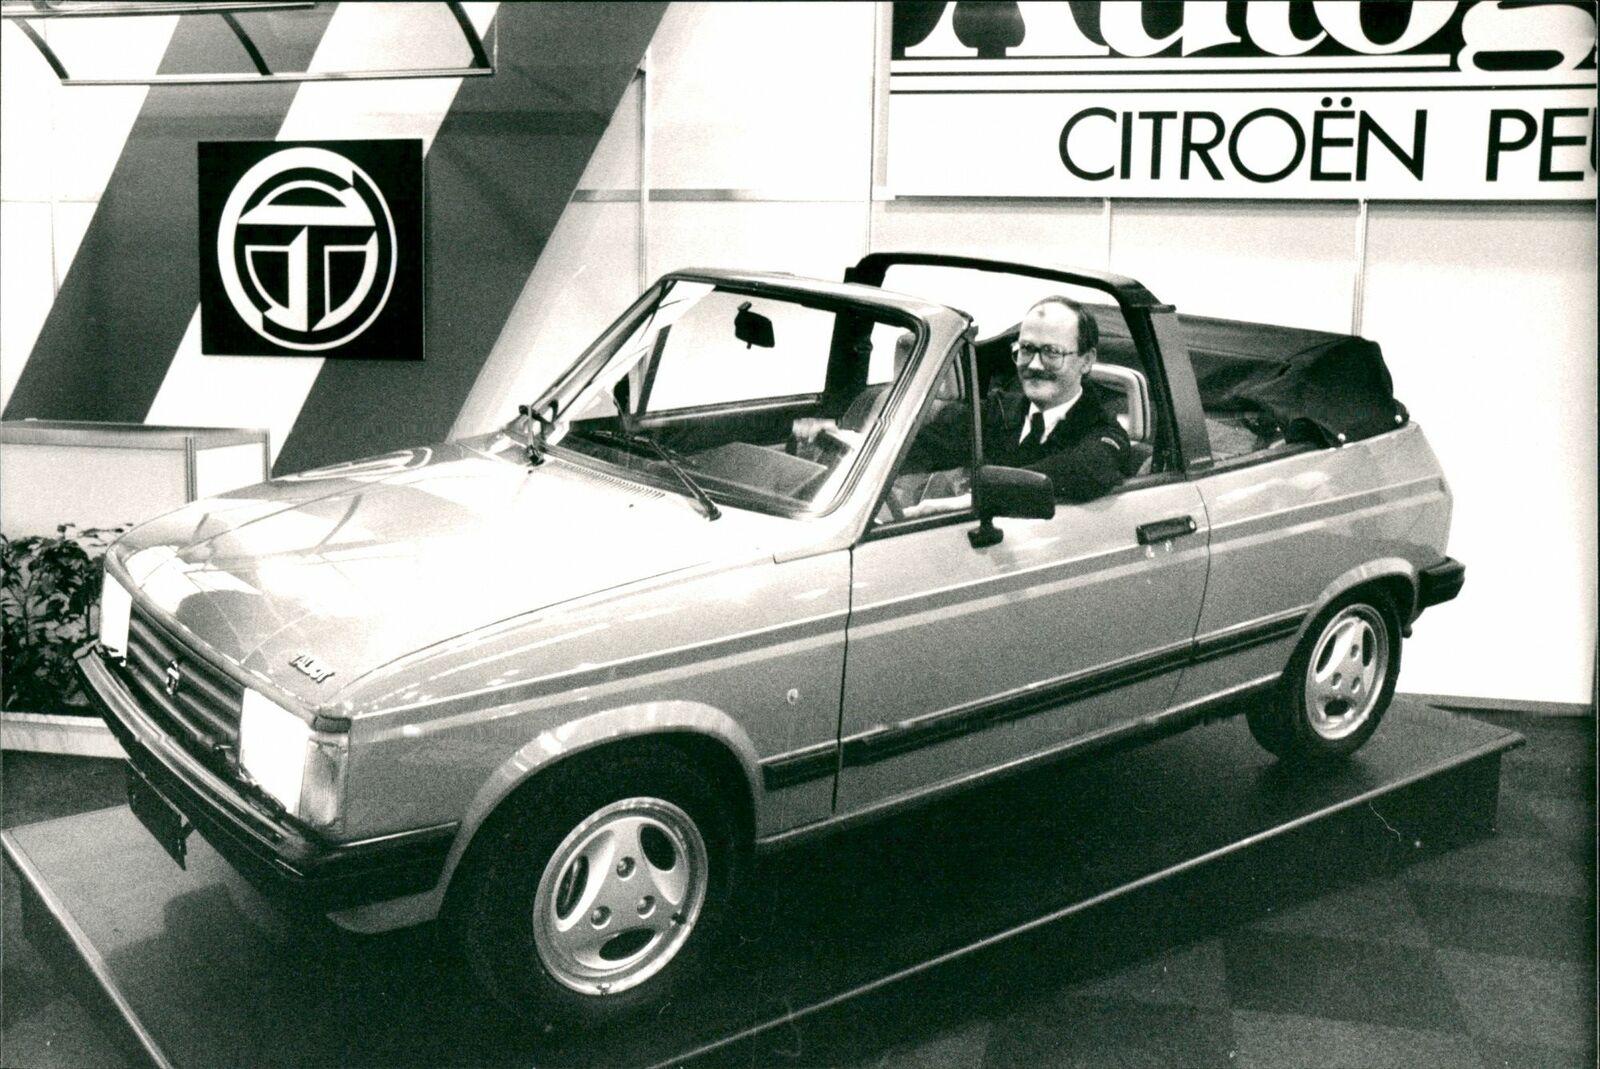 talbot-samba-cabriolet-van-pinifarina--1983--1